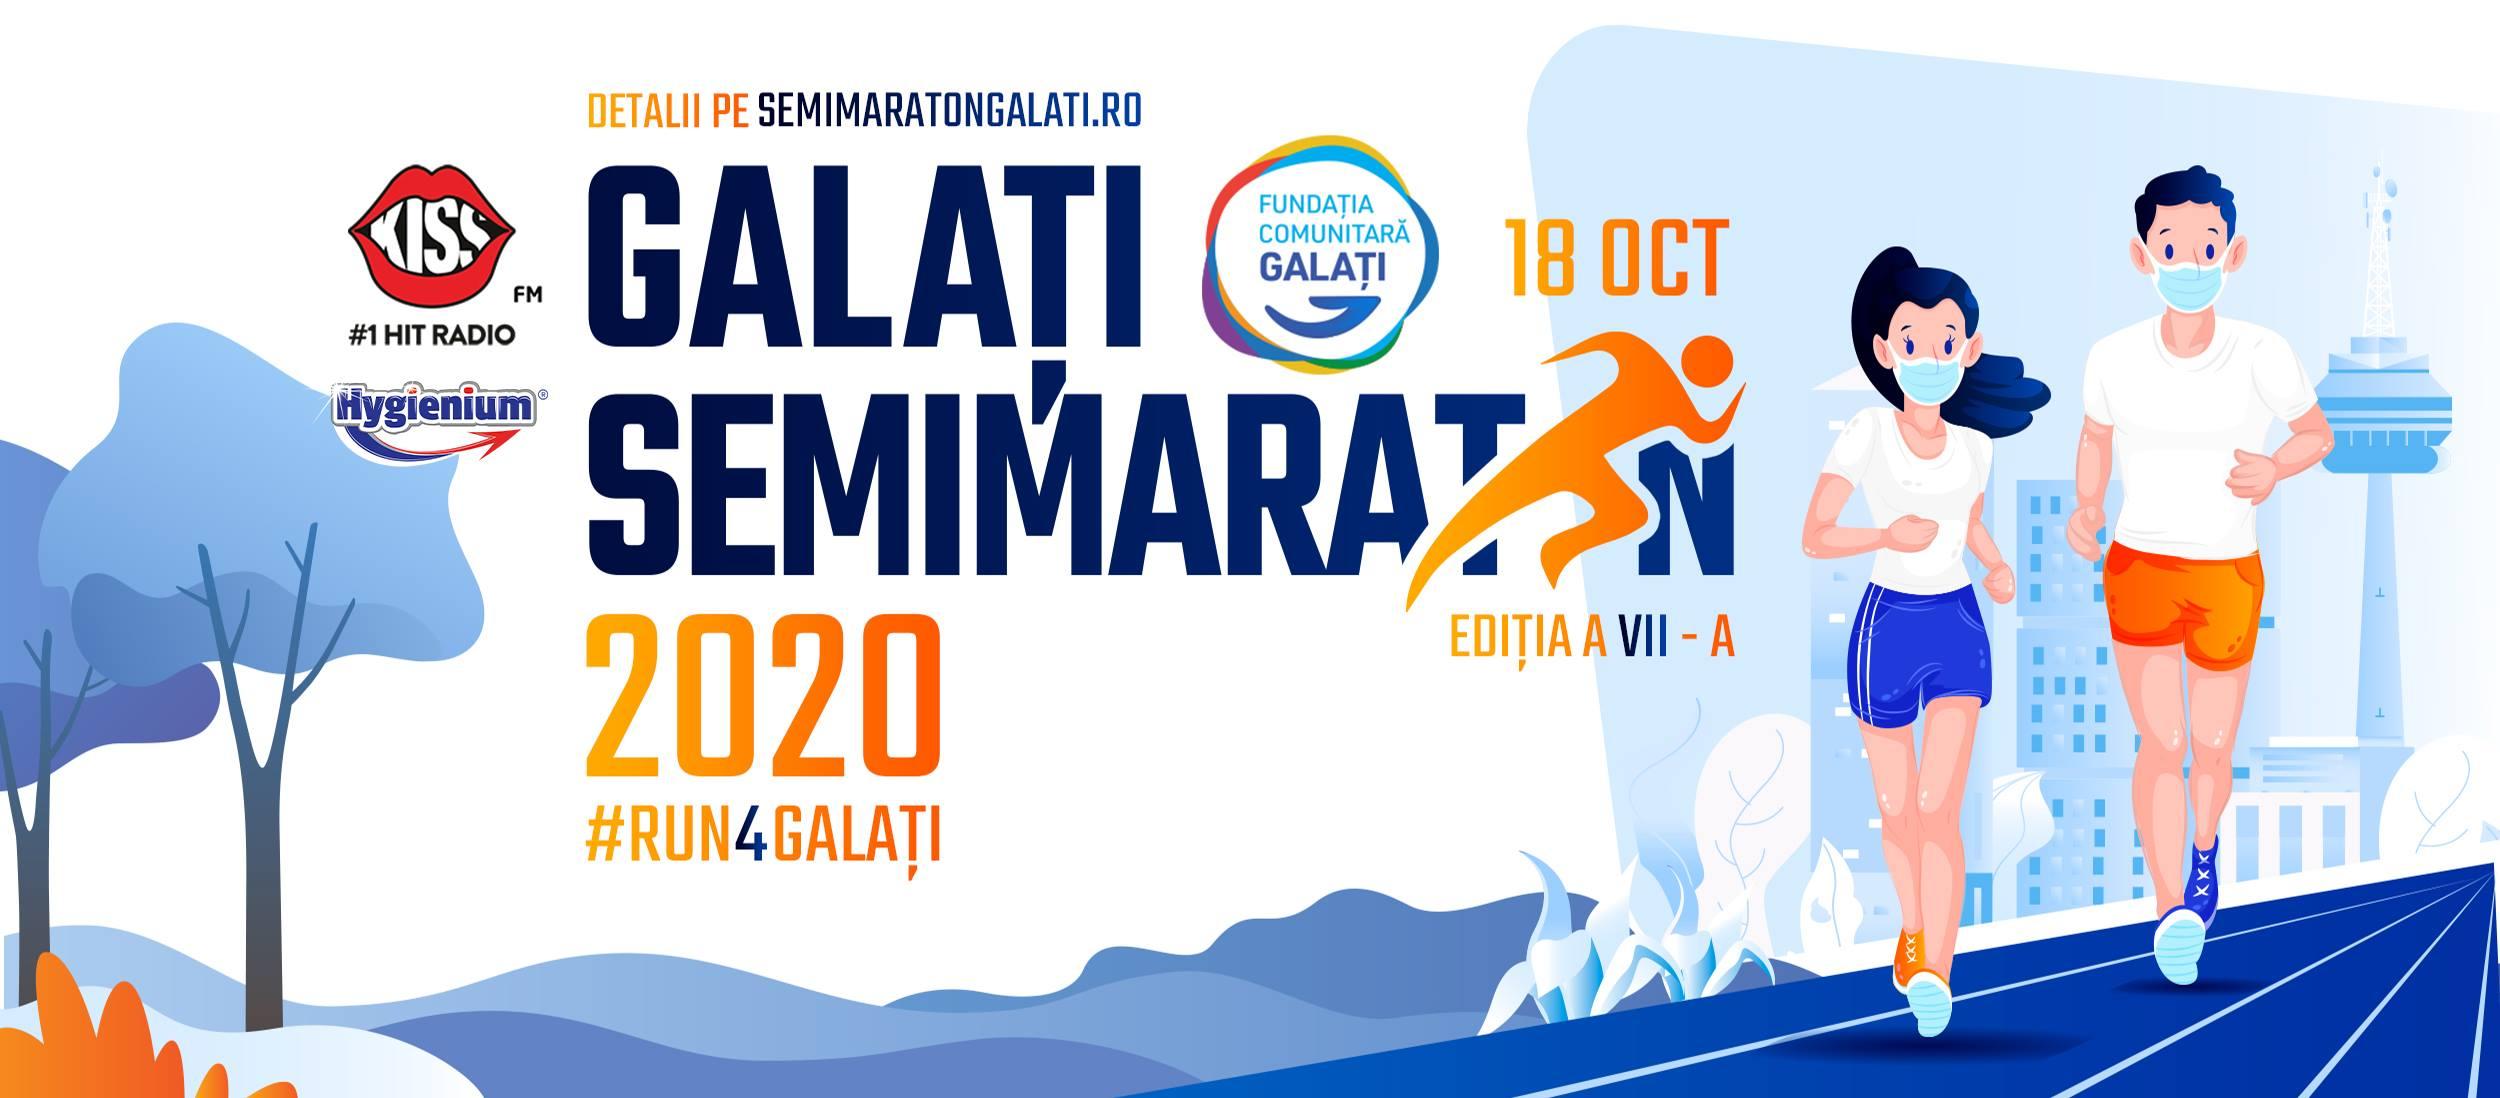 Corremos por uma causa nobre - Meia Maratona de Galați 2020